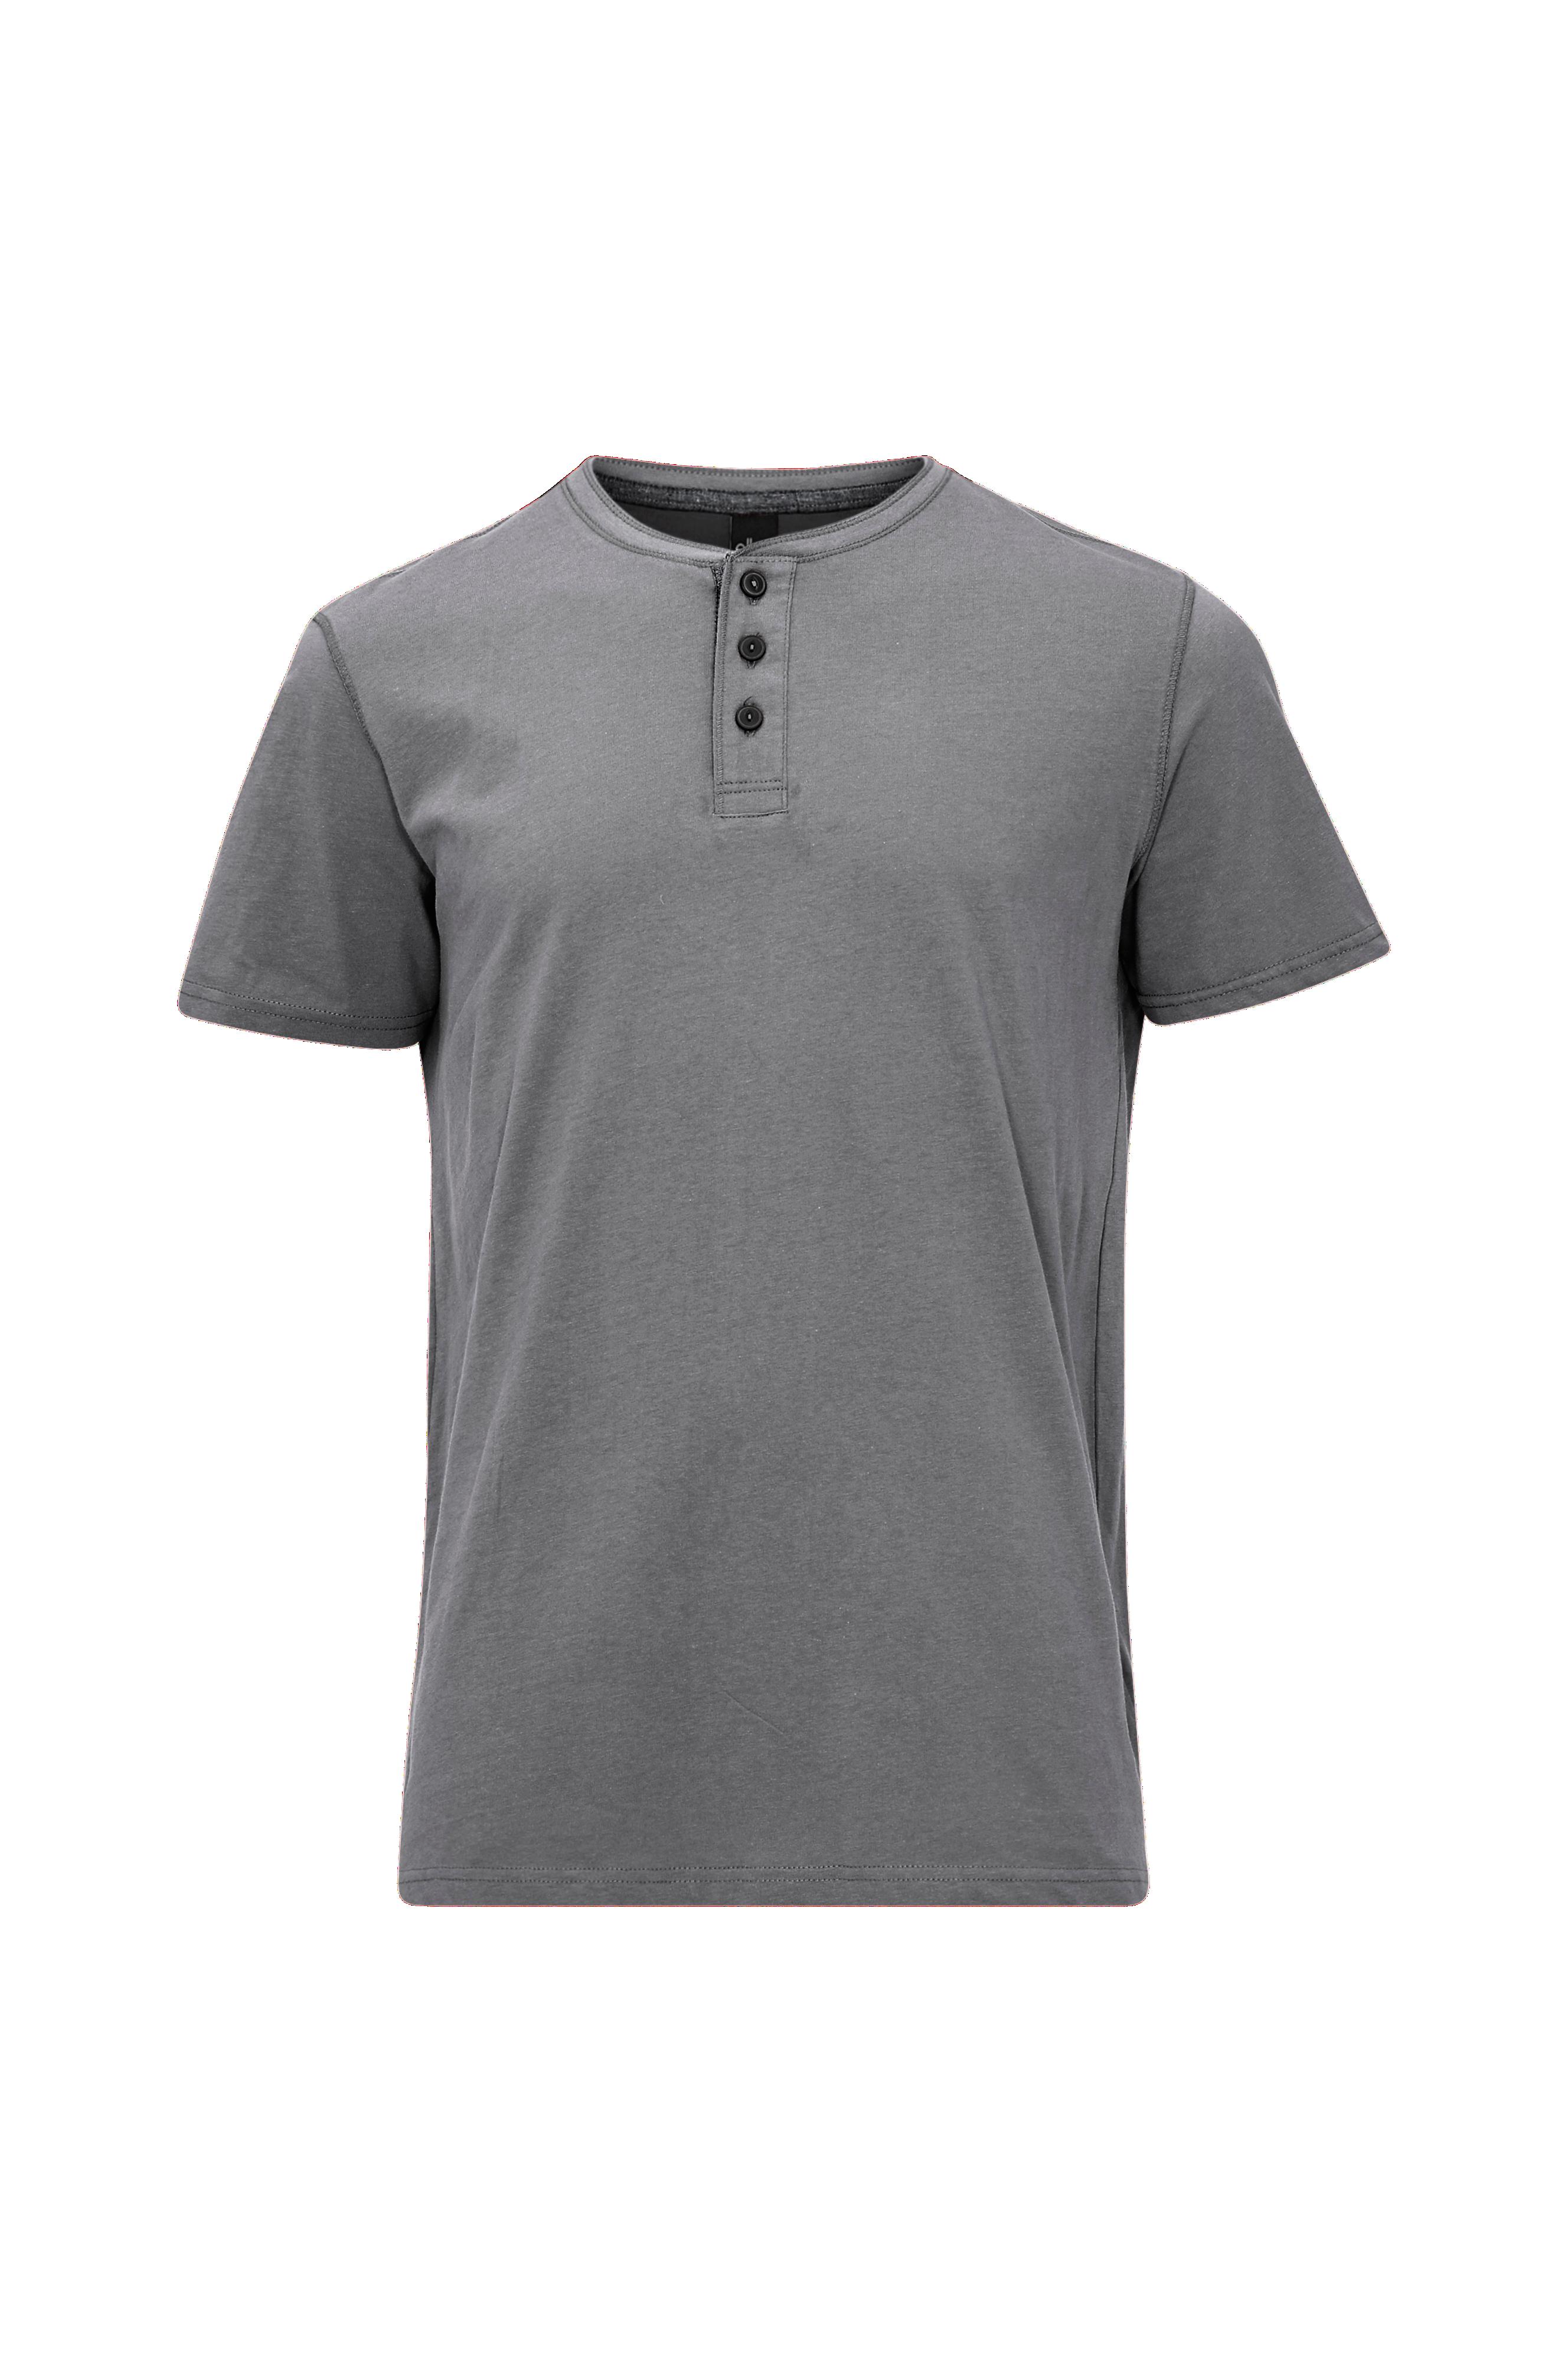 T shirt med knapper